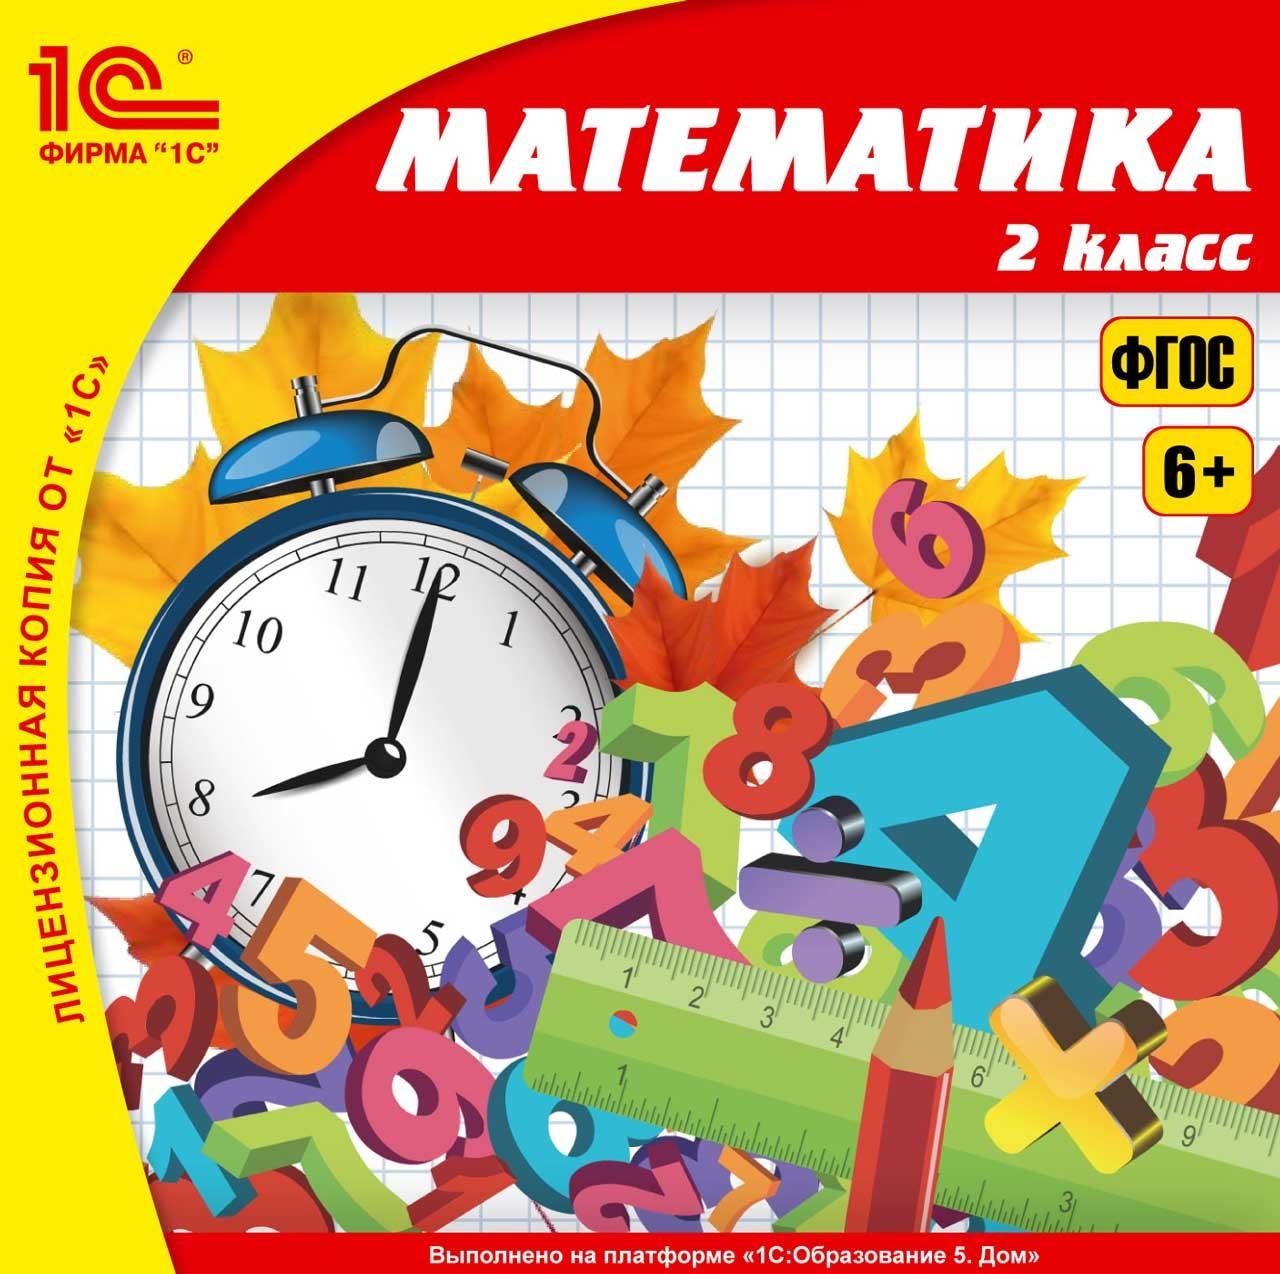 Математика, 2 класс немецкий язык 2 класс spektrum учебное пособие фгос